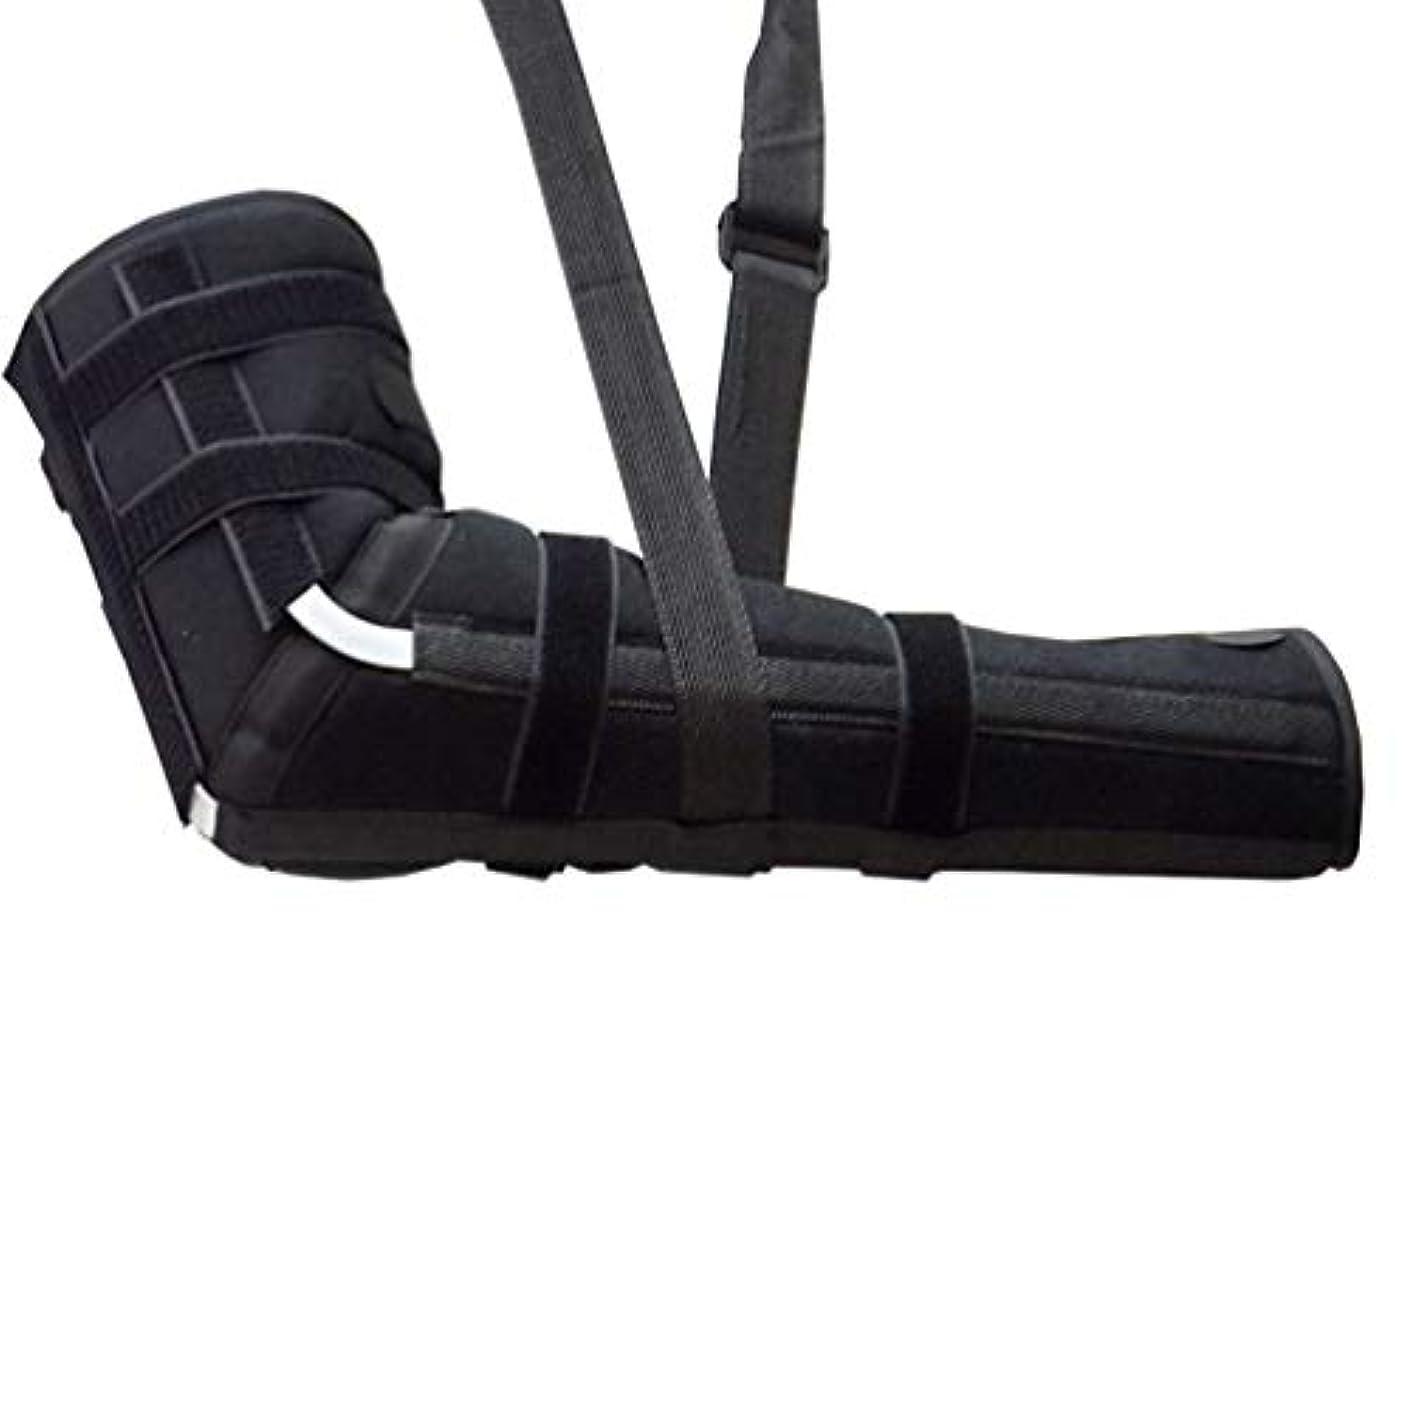 ジャベスウィルソン指定する短くするSUPVOX アームリーダー 腕つり用サポーター アームホルダー 安定感 通気性抜群 骨折 脱臼 脱臼時のギプス固定に 調節可能